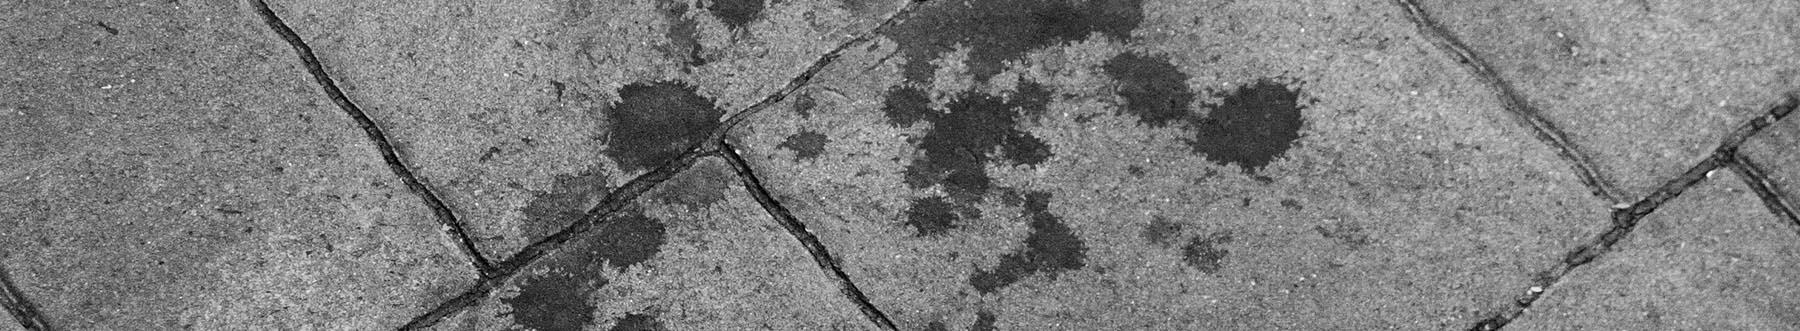 brudna_kostka_beton.jpg